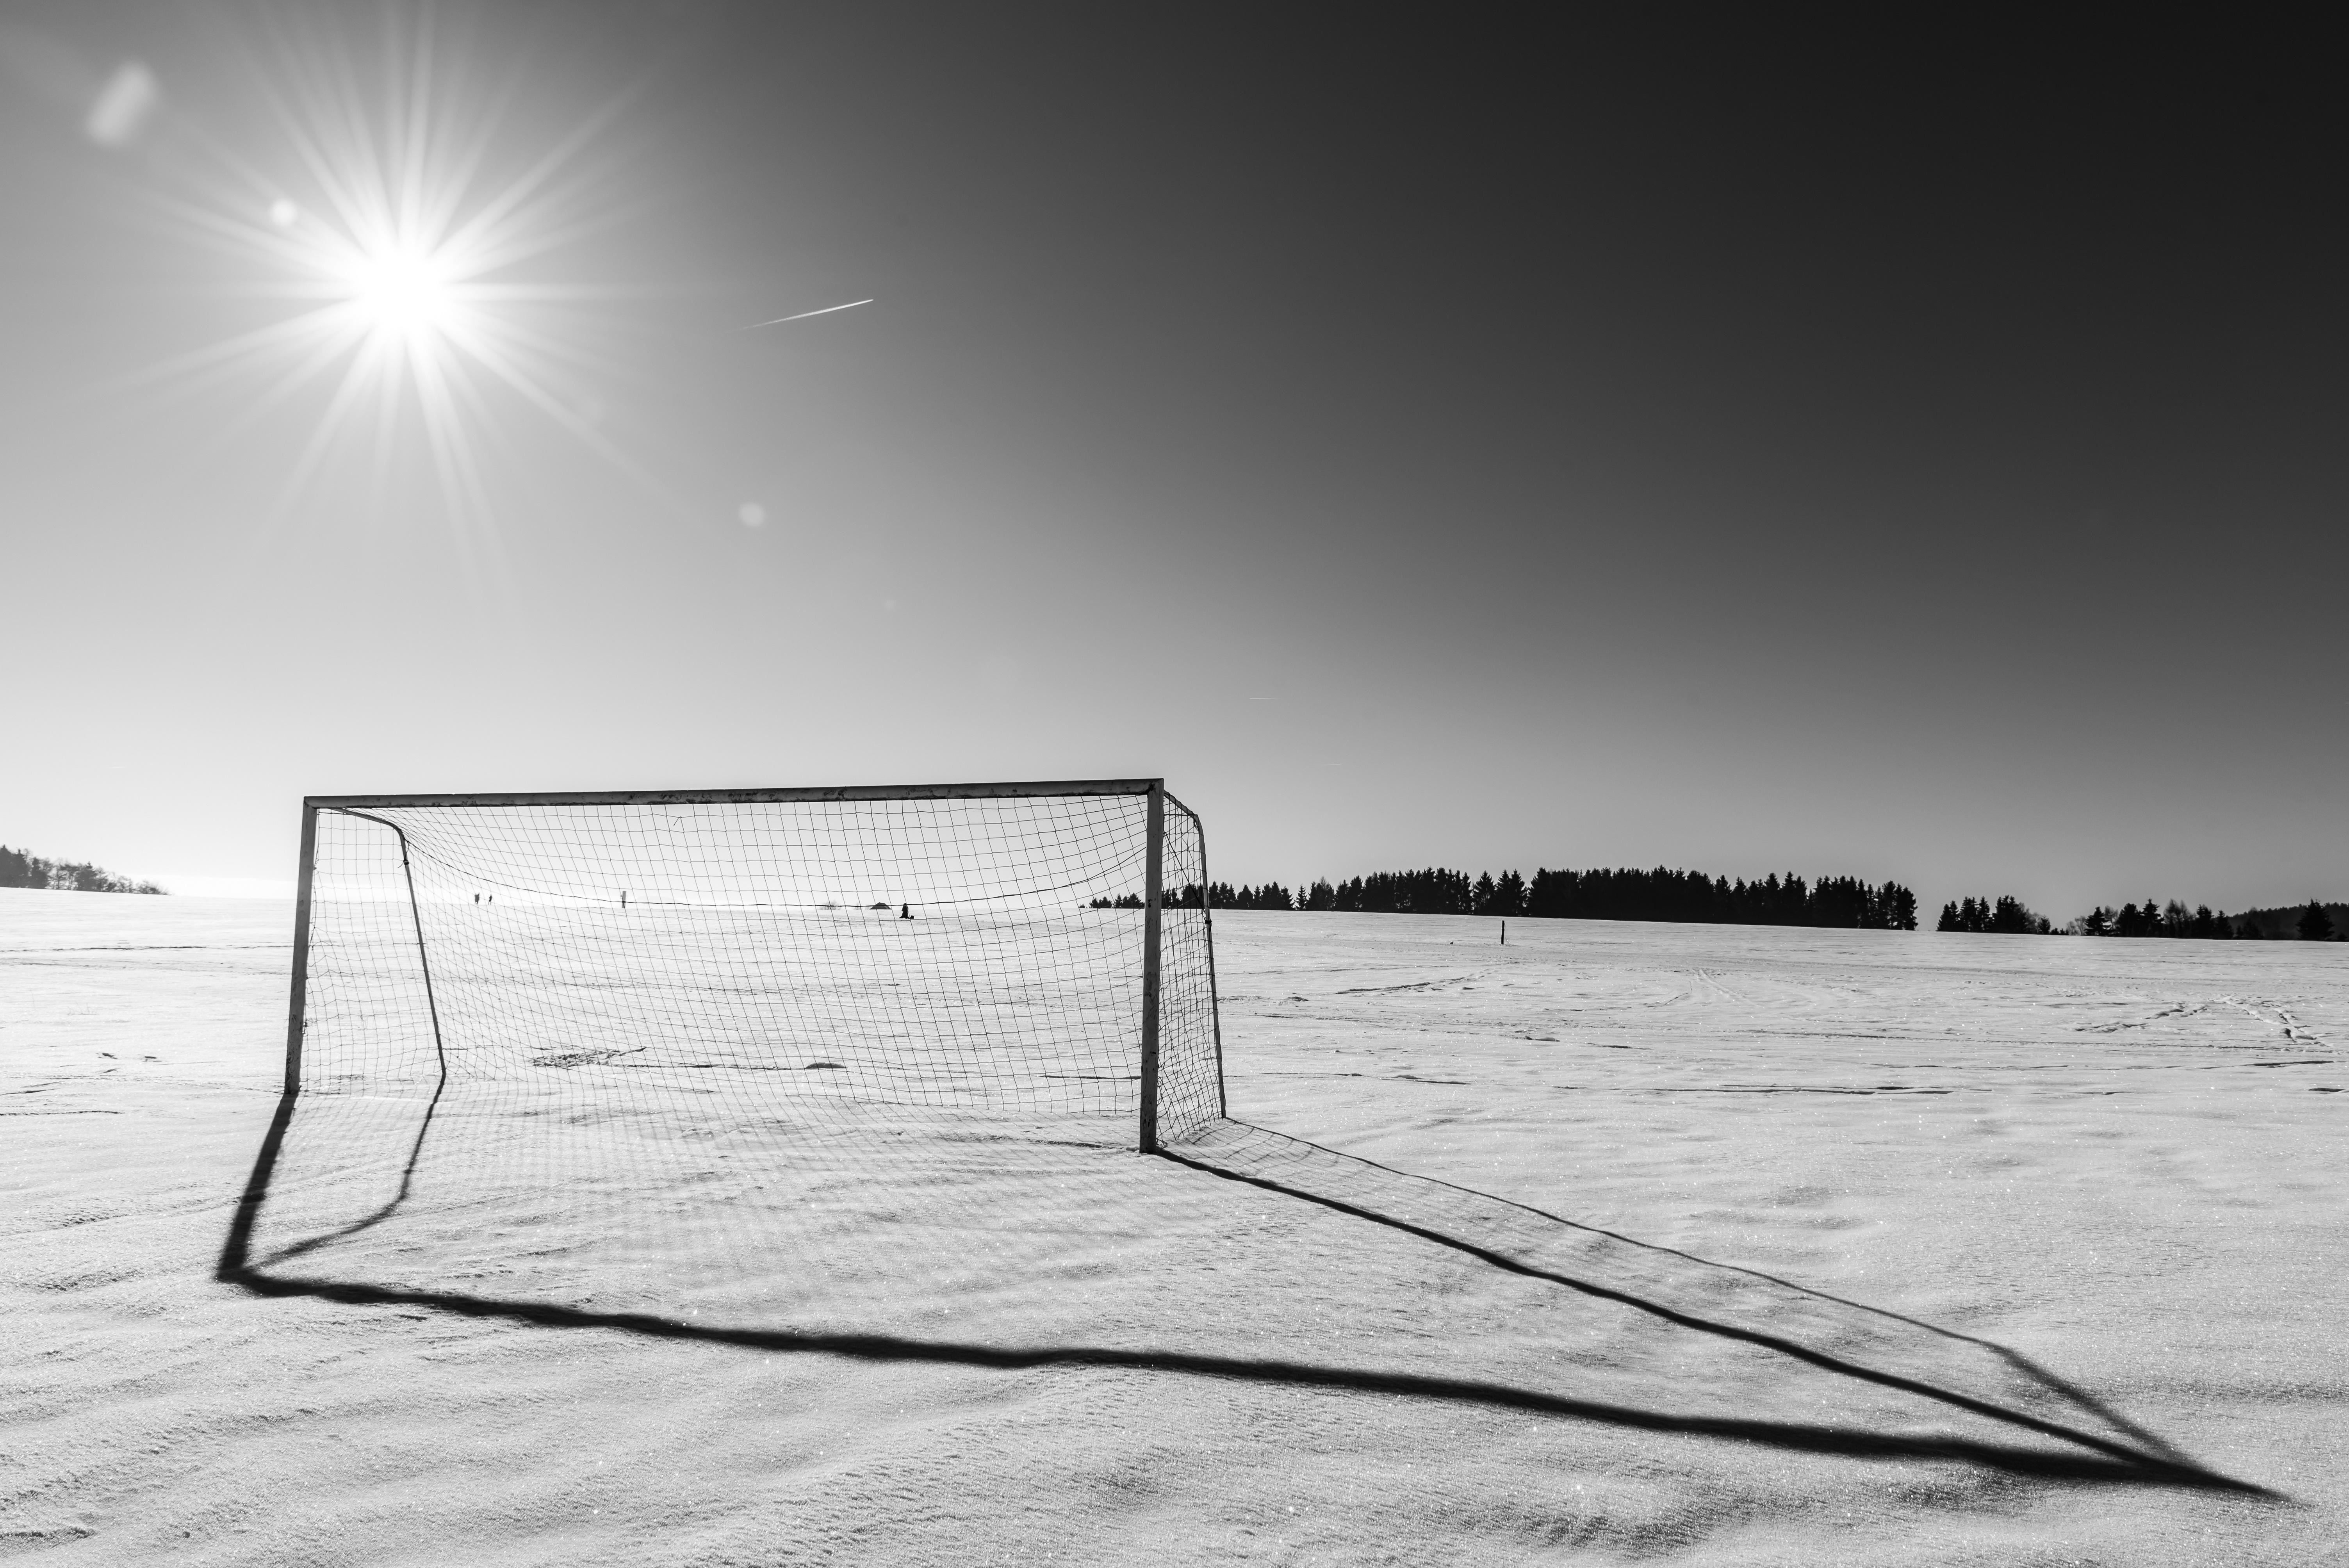 зимний футбол картинки возрастом избыточная кожа